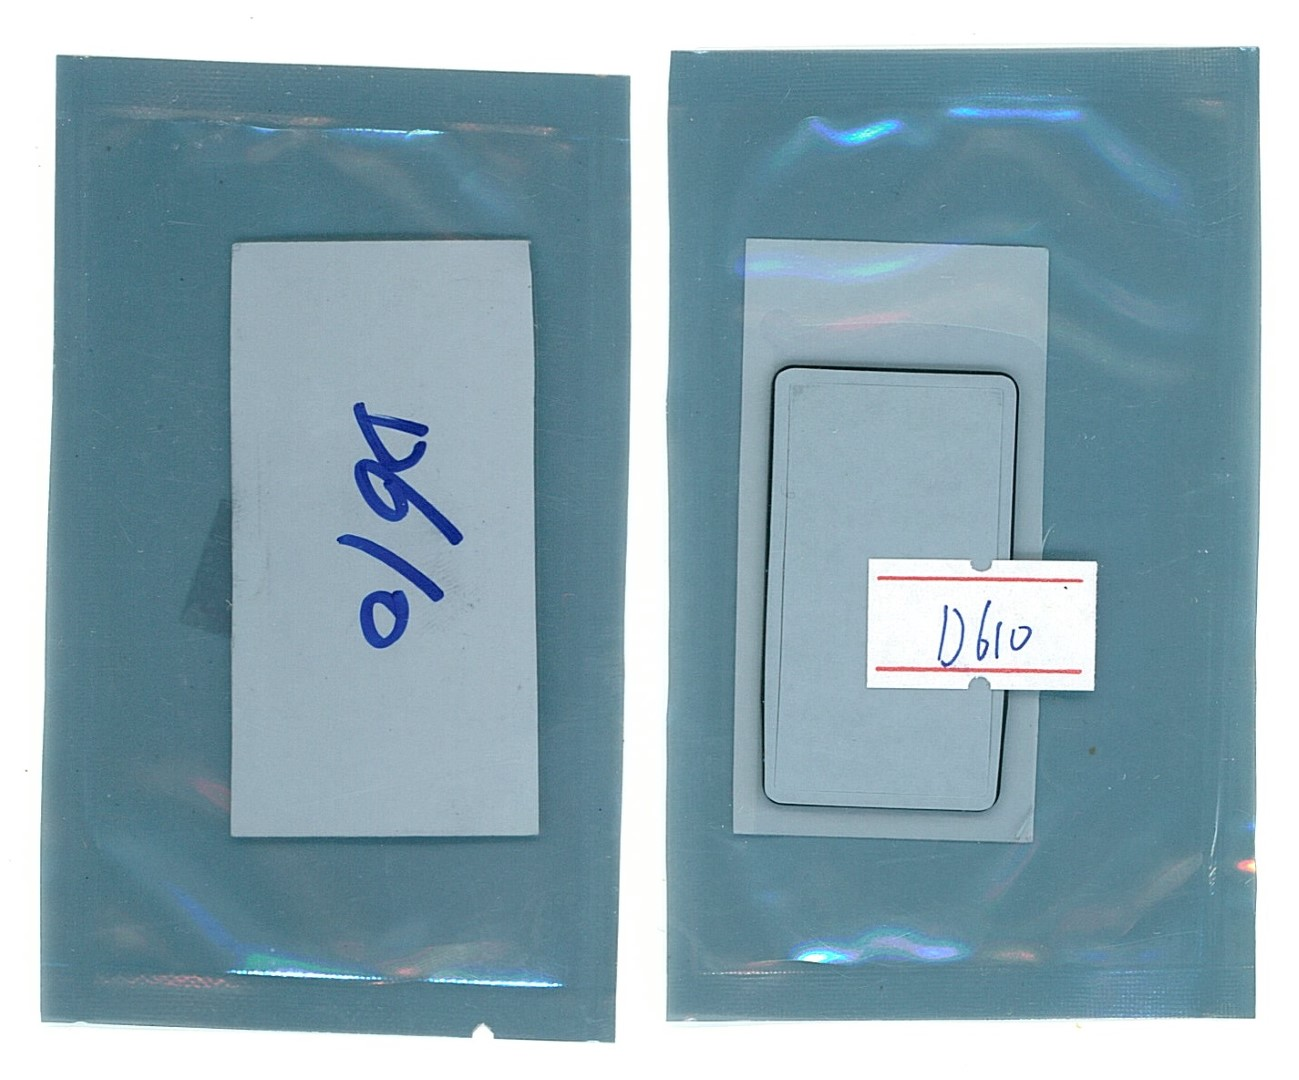 NIKON D810 top Kleine LCD glass Displayscheibe Ersatz Glas Glass Schutzglas